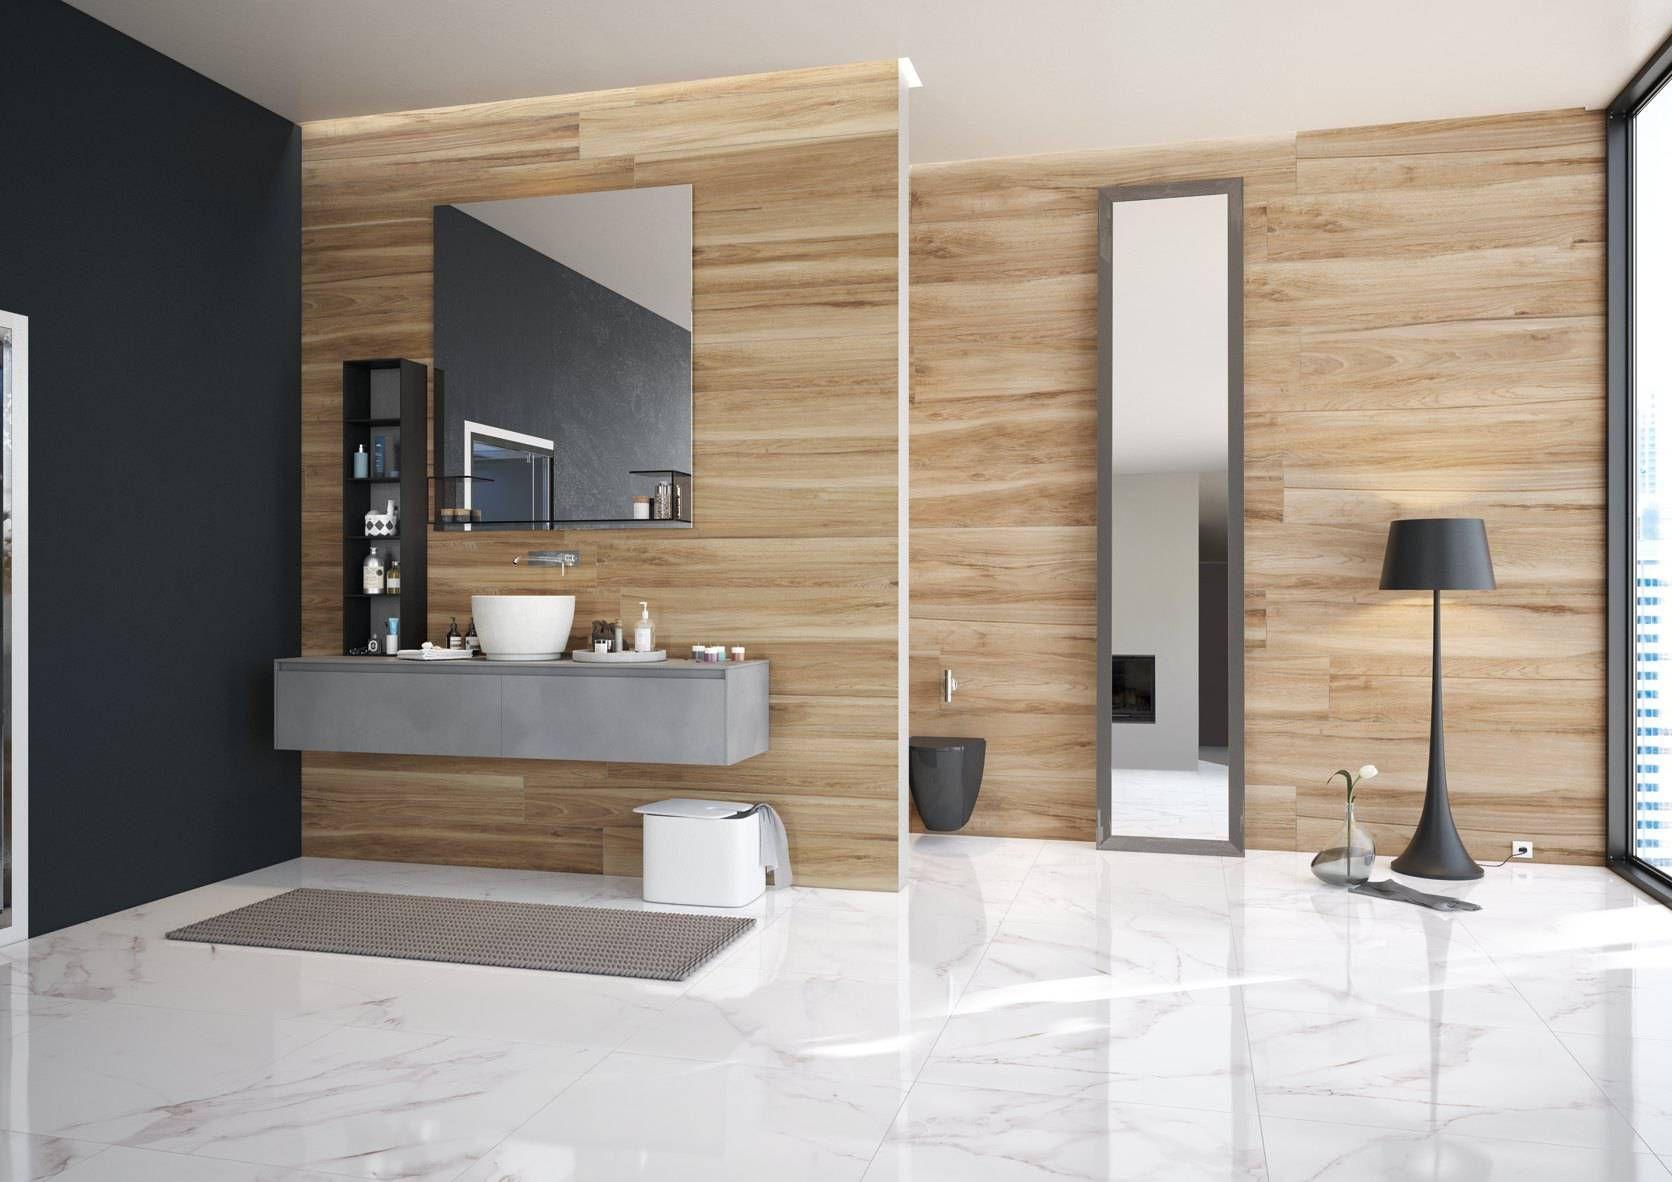 Gres effetto legno e gres effetto marmo marmo un connubio for Armonie d arredo